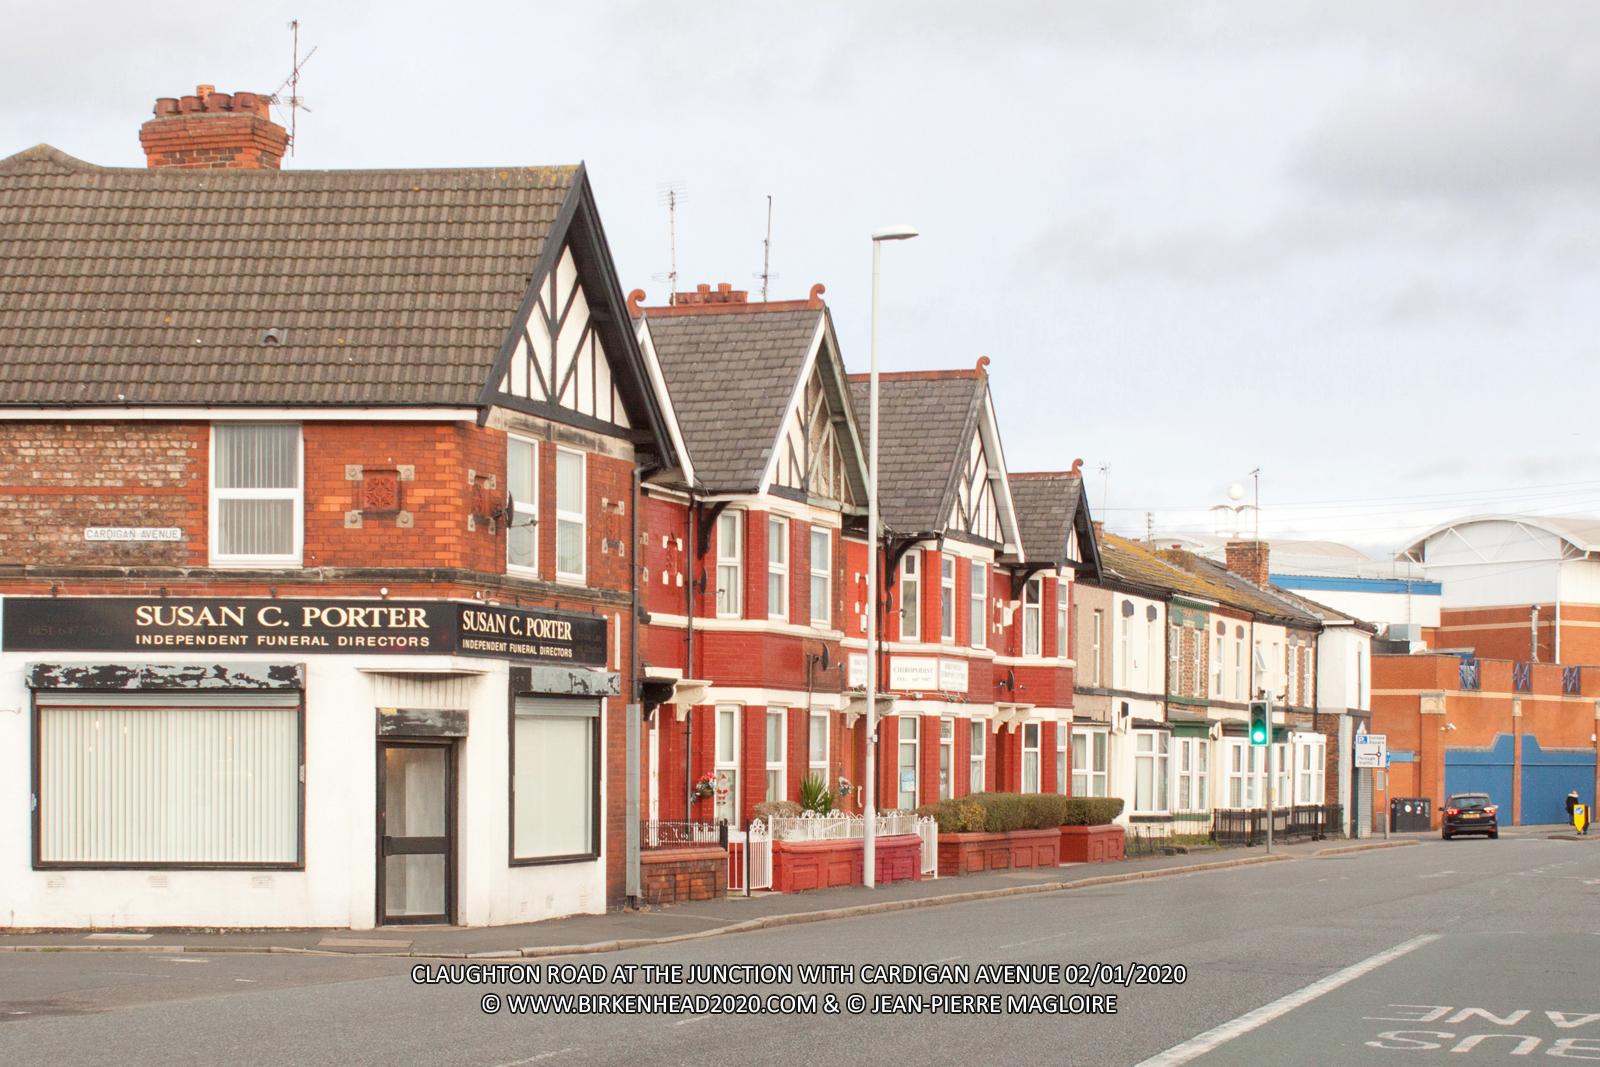 Susan C Porter_Claughton Road